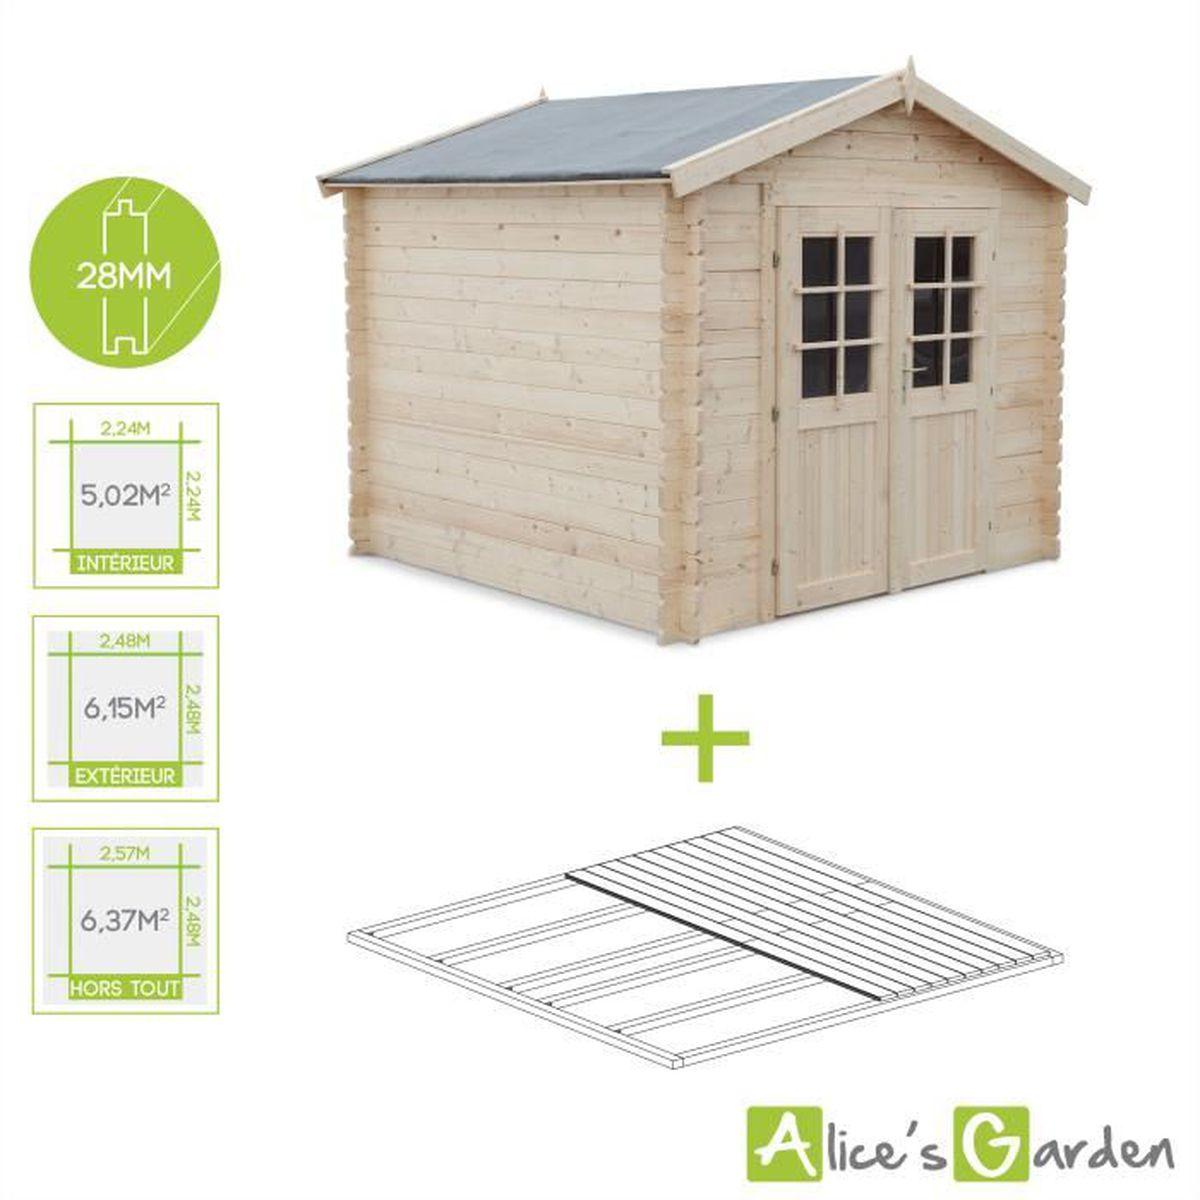 Plan Abri De Jardin En Bois abri de jardin landes en bois fsc de 6,37m² + plancher